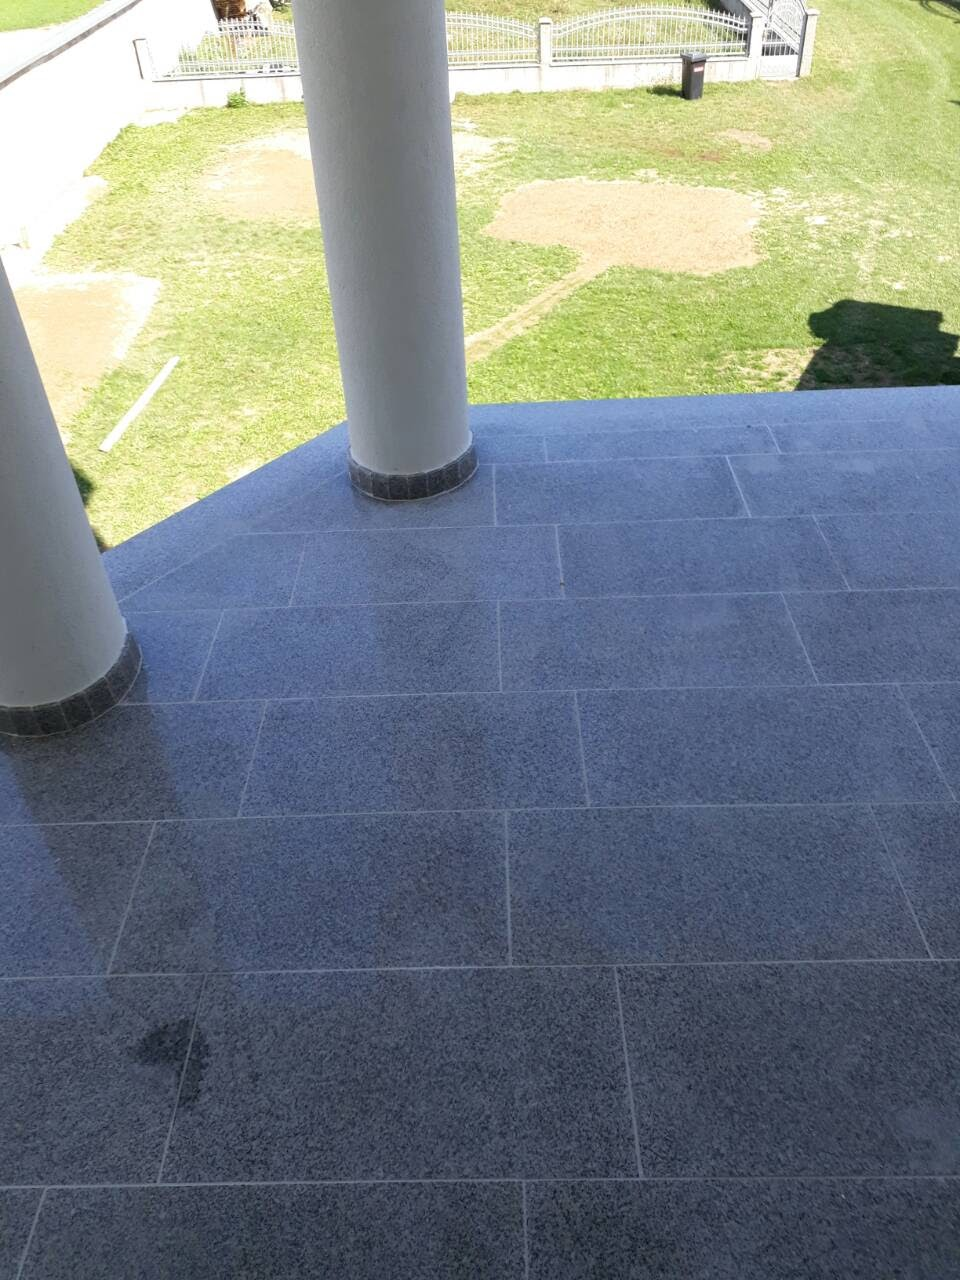 Bianco Sardo tiles